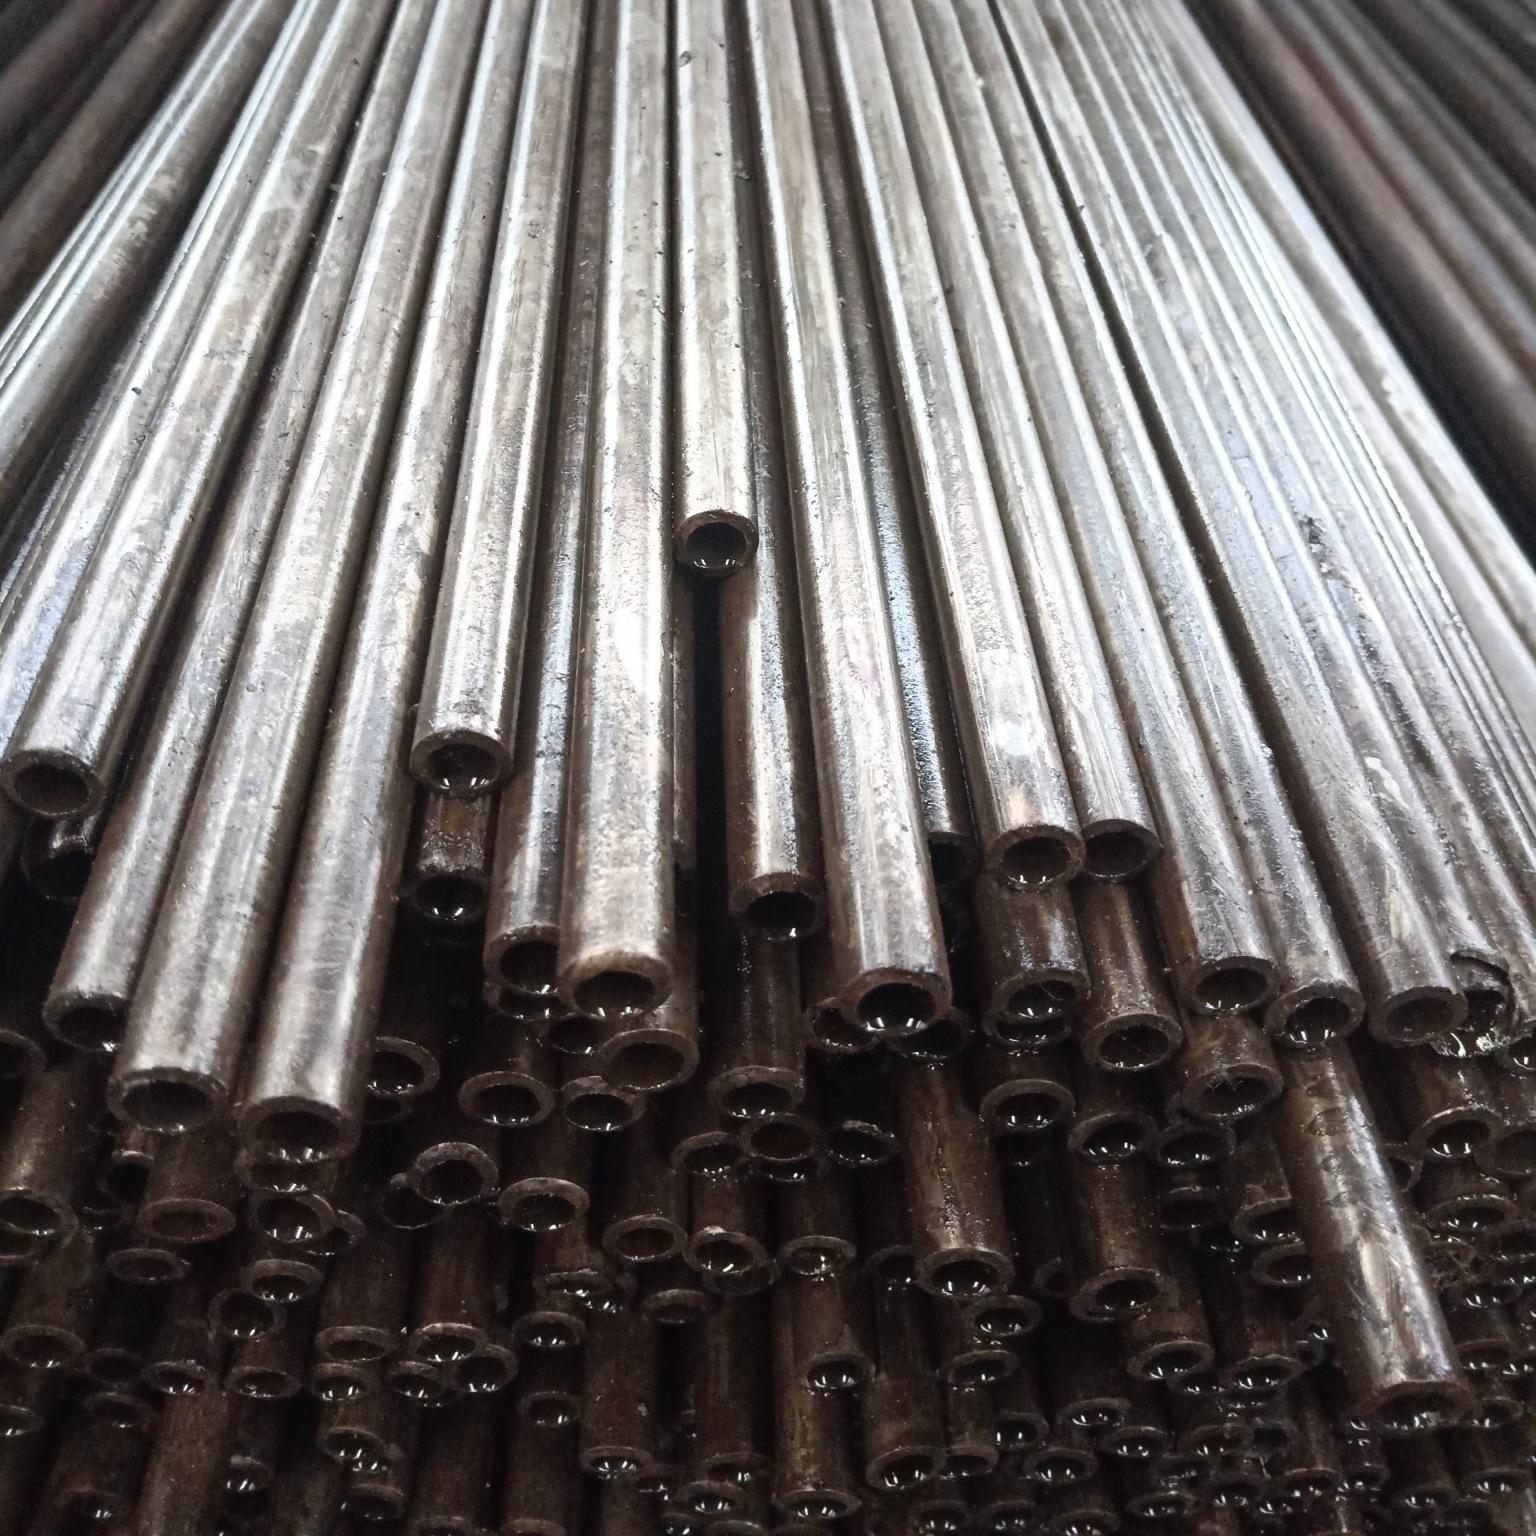 Ống đúc Các nhà sản xuất ống thép chính xác 45 # ống thép chính xác liền mạch chính xác thứ 45